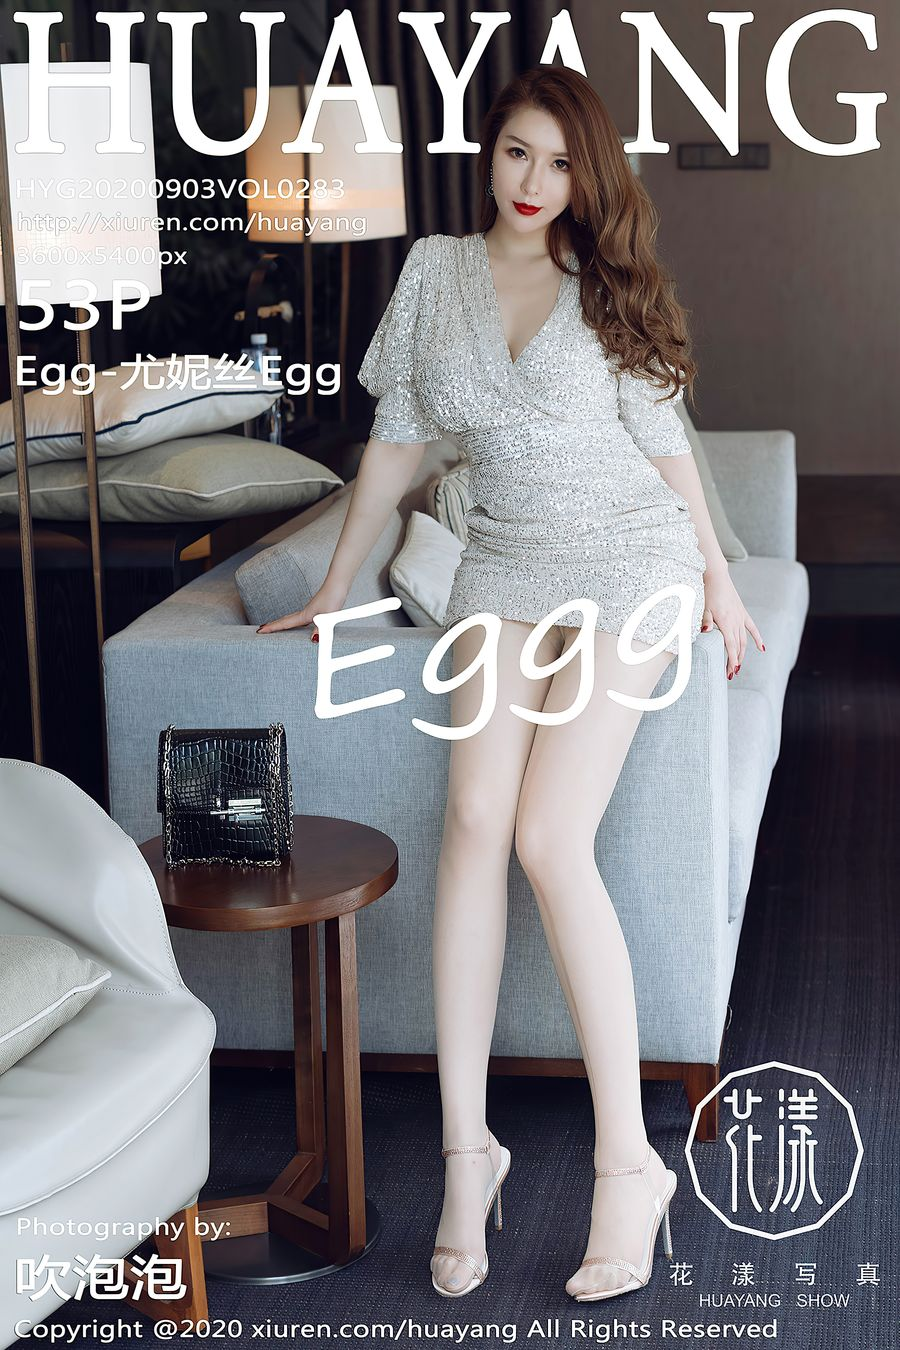 [HuaYang花漾] VOL.283 Egg-尤妮丝Egg [53+1P/659M]